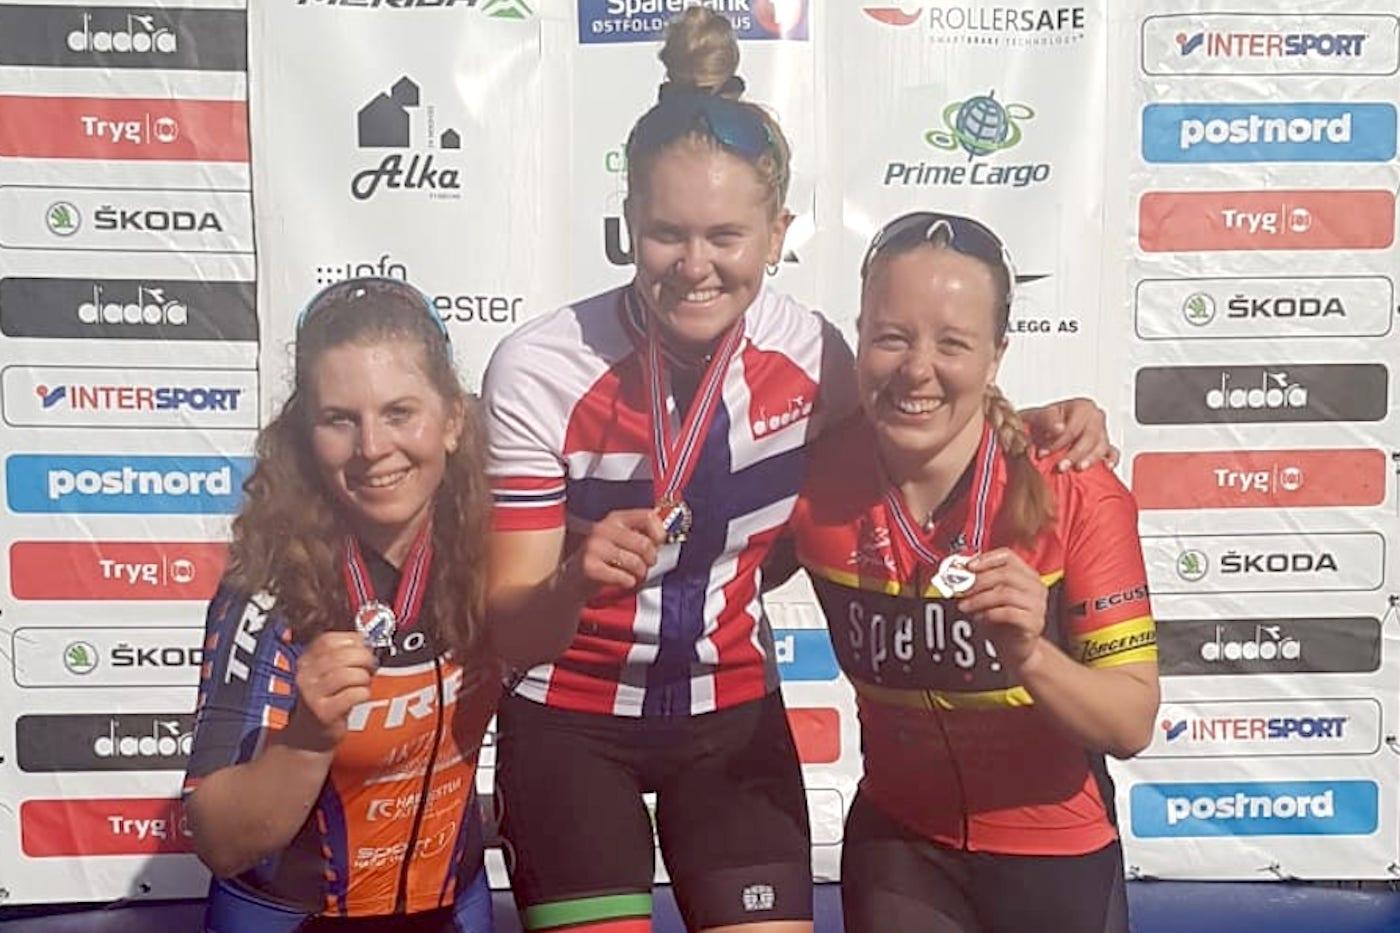 Landeveisrytteren Rikke Enstad vant NM-gull i sprint foran Elisabeth Sveum (til venstre) og Ingrid Sofie Ble Jacobsen. Foto: NCF